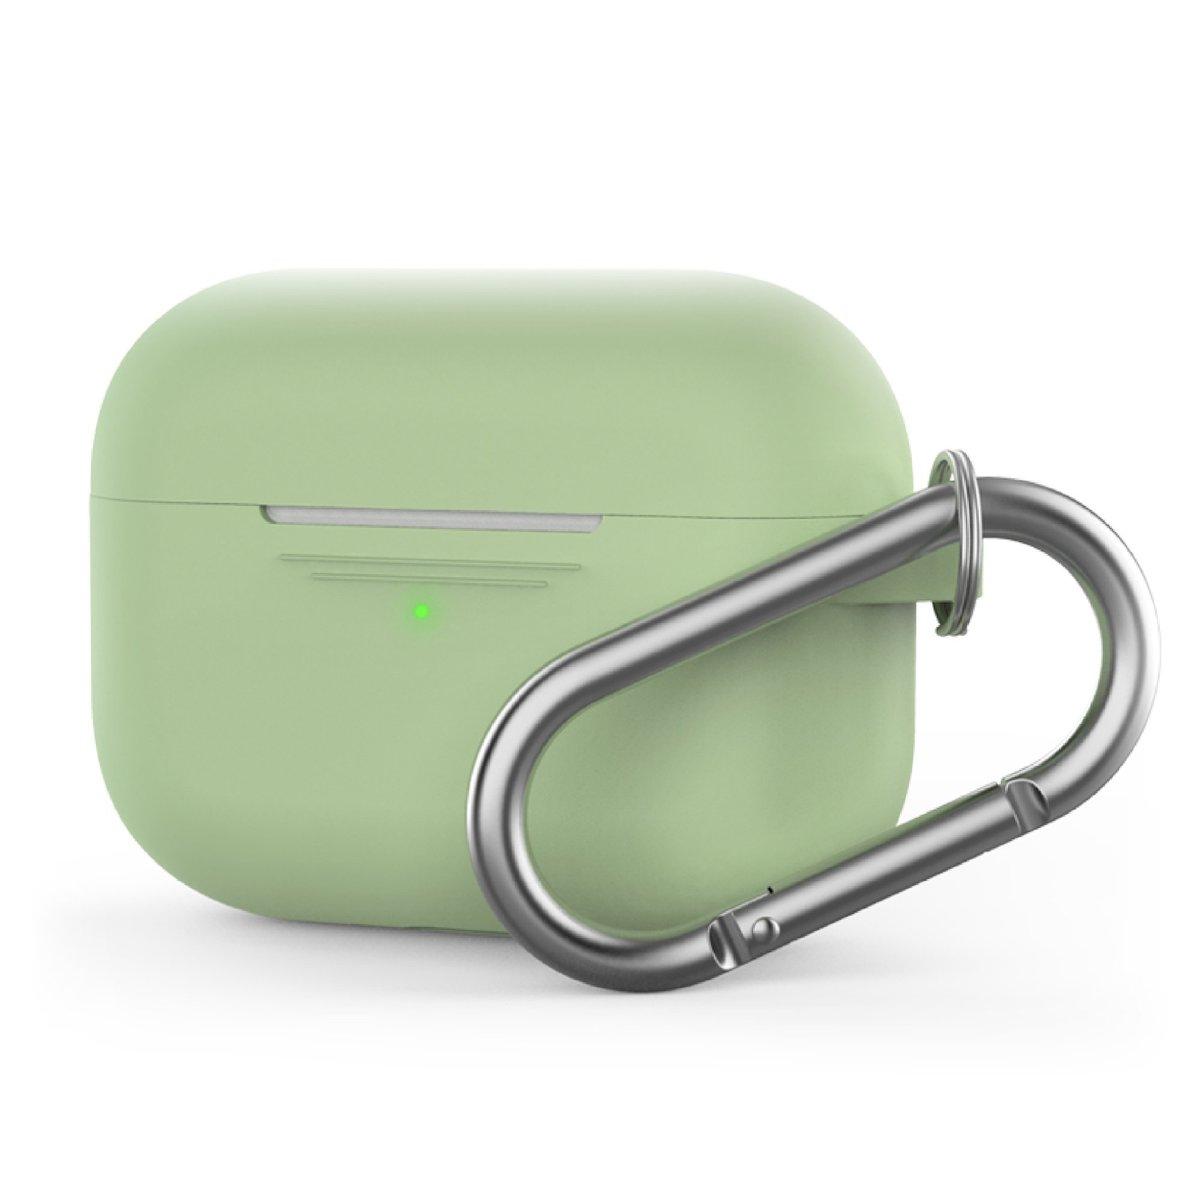 香港行貨 AirPods Pro 1.4mm 超薄矽膠連 掛鉤款保護套 酪梨綠色